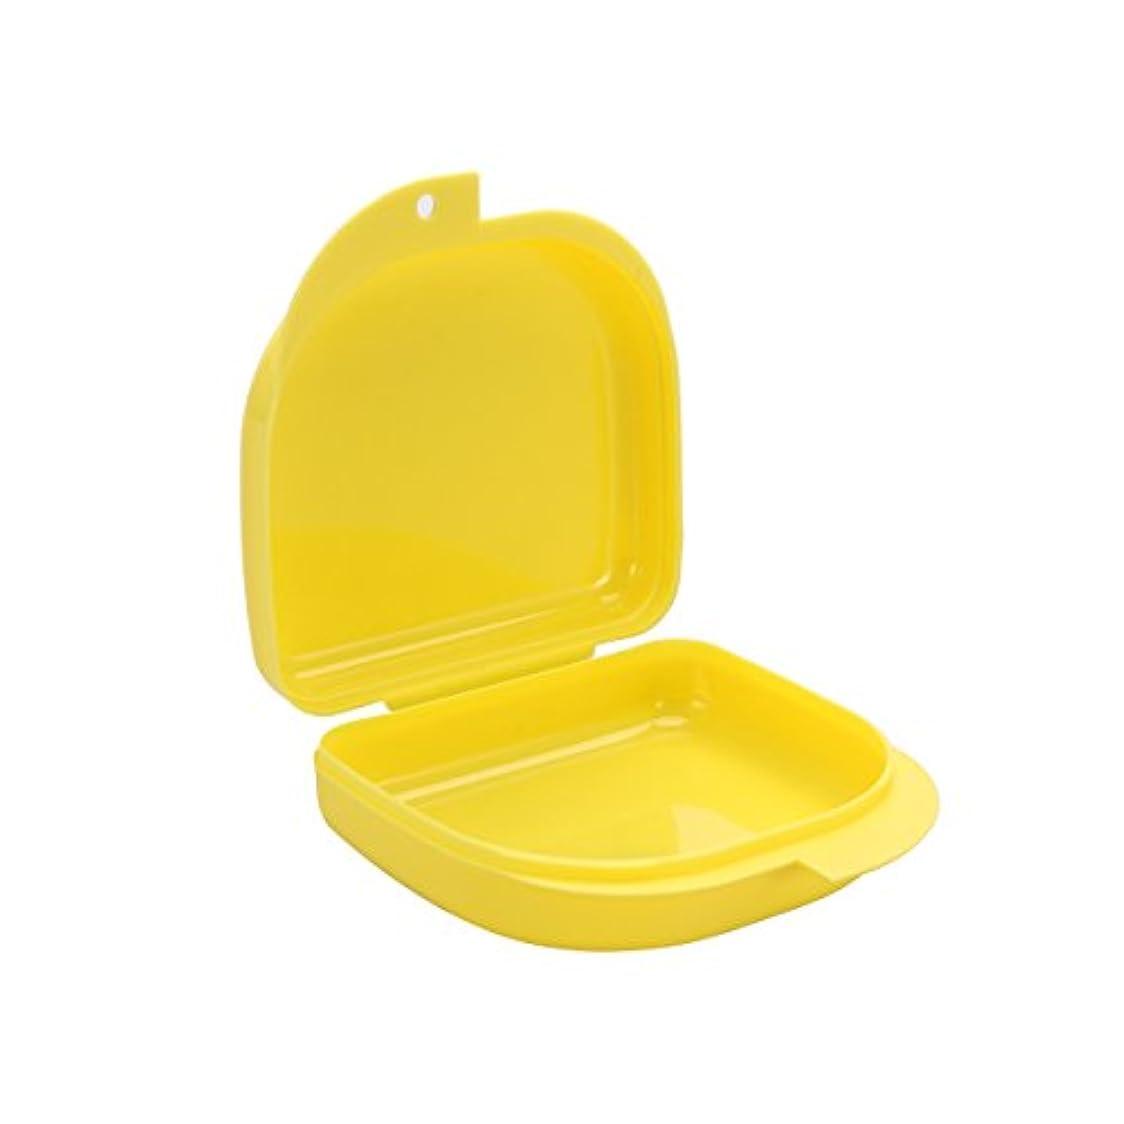 ひねり有害南東ROSENICE 義歯ケース口ガードケース義歯ボックス義歯収納容器(黄色)